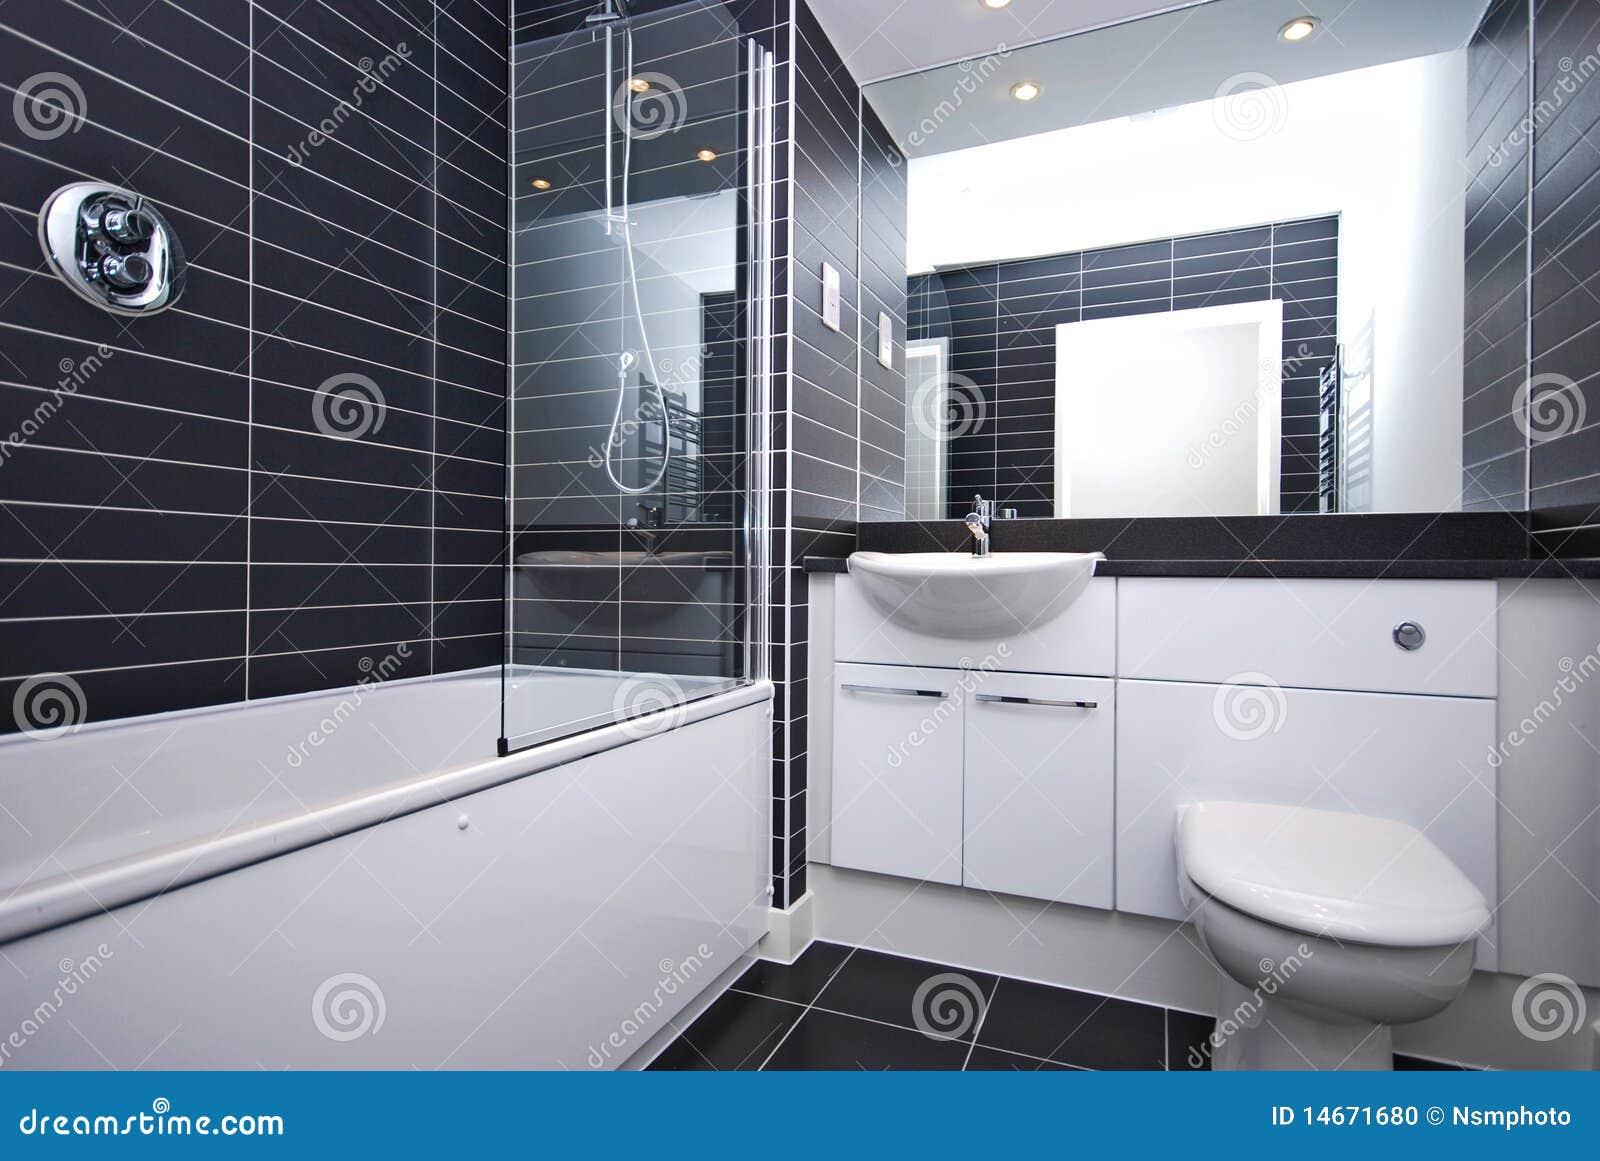 Nuevo Cuarto De Baño Moderno En Blanco Y Negro Foto de archivo ...